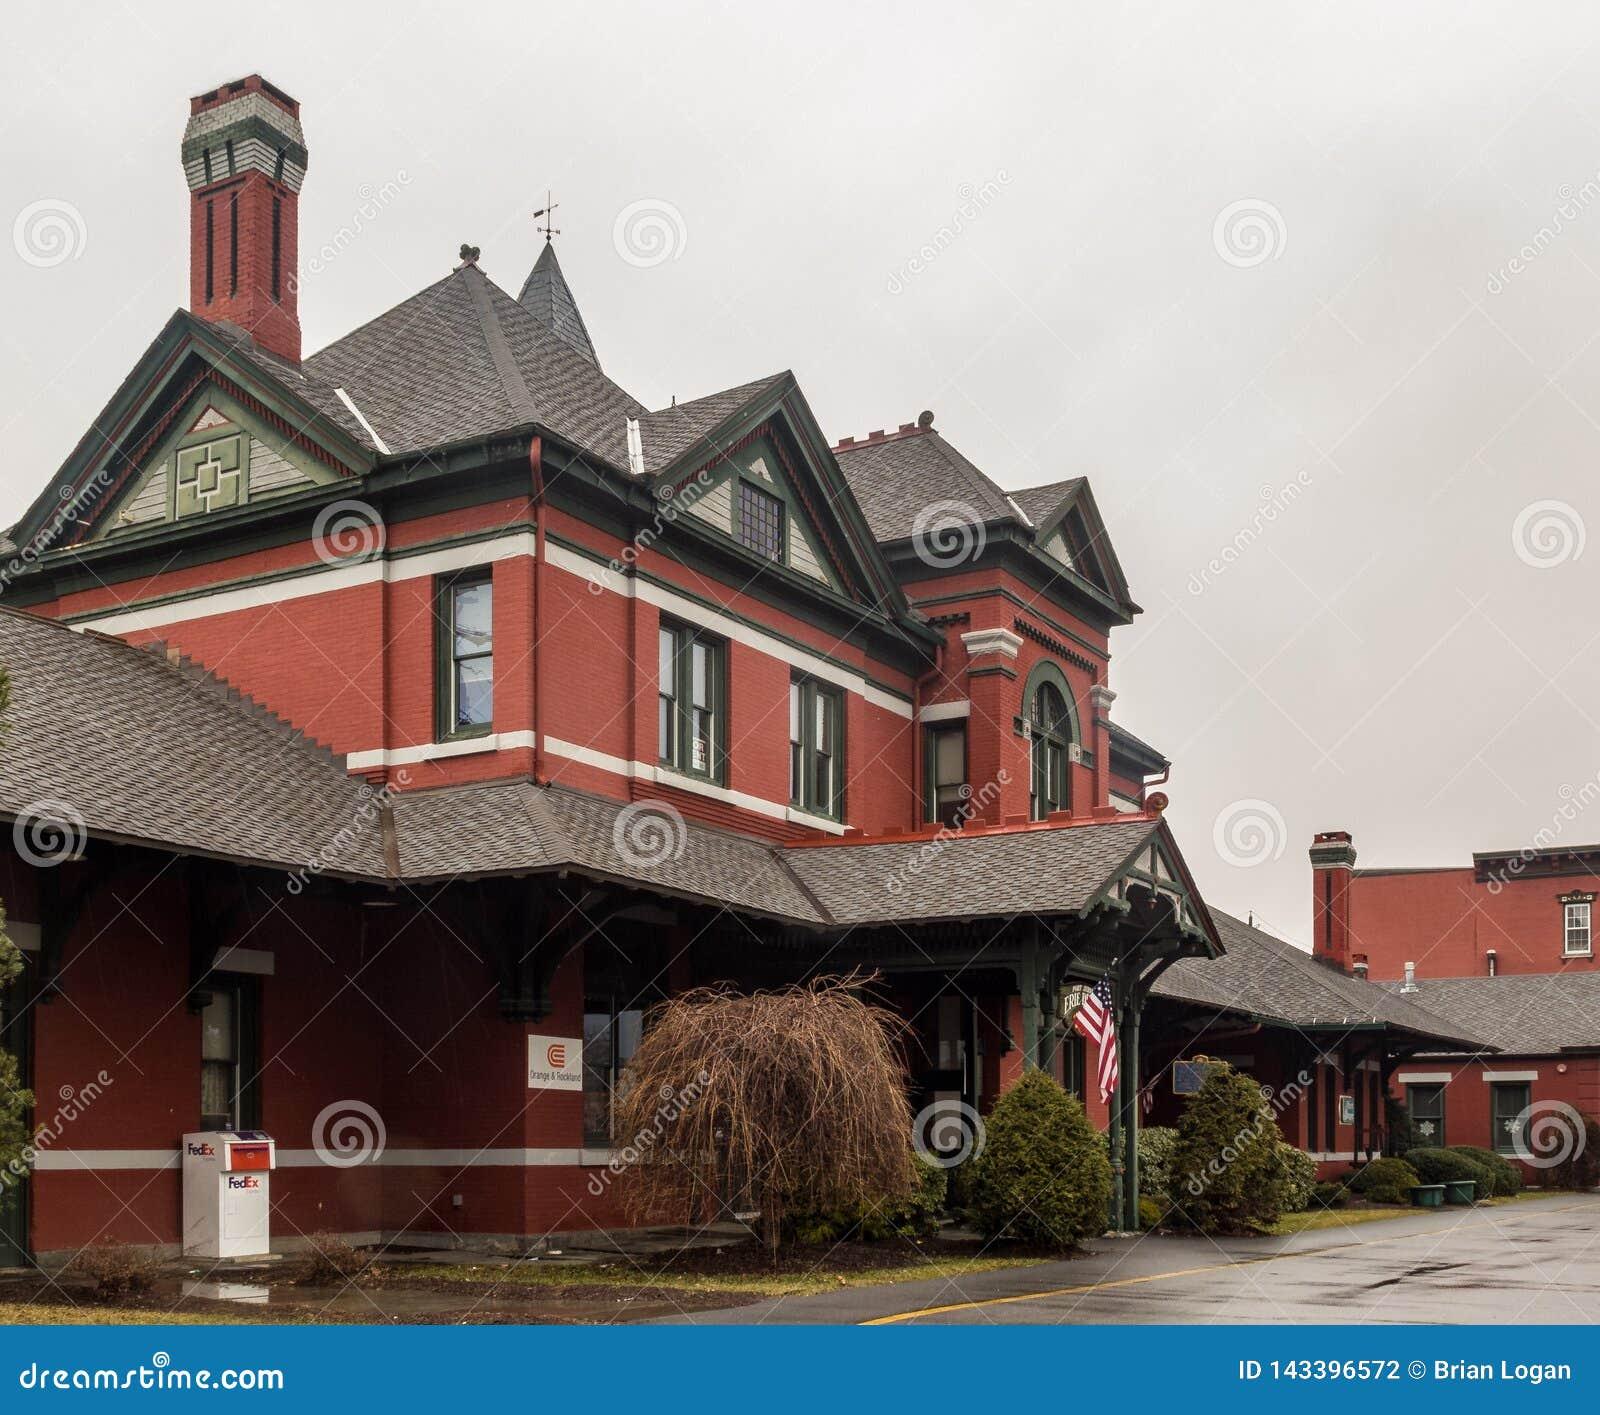 Jervis gauche, NY/Etats-Unis - 7 mars 2017 : une vue de paysage de l ancienne station de train gauche de Jervis du chemin de fer